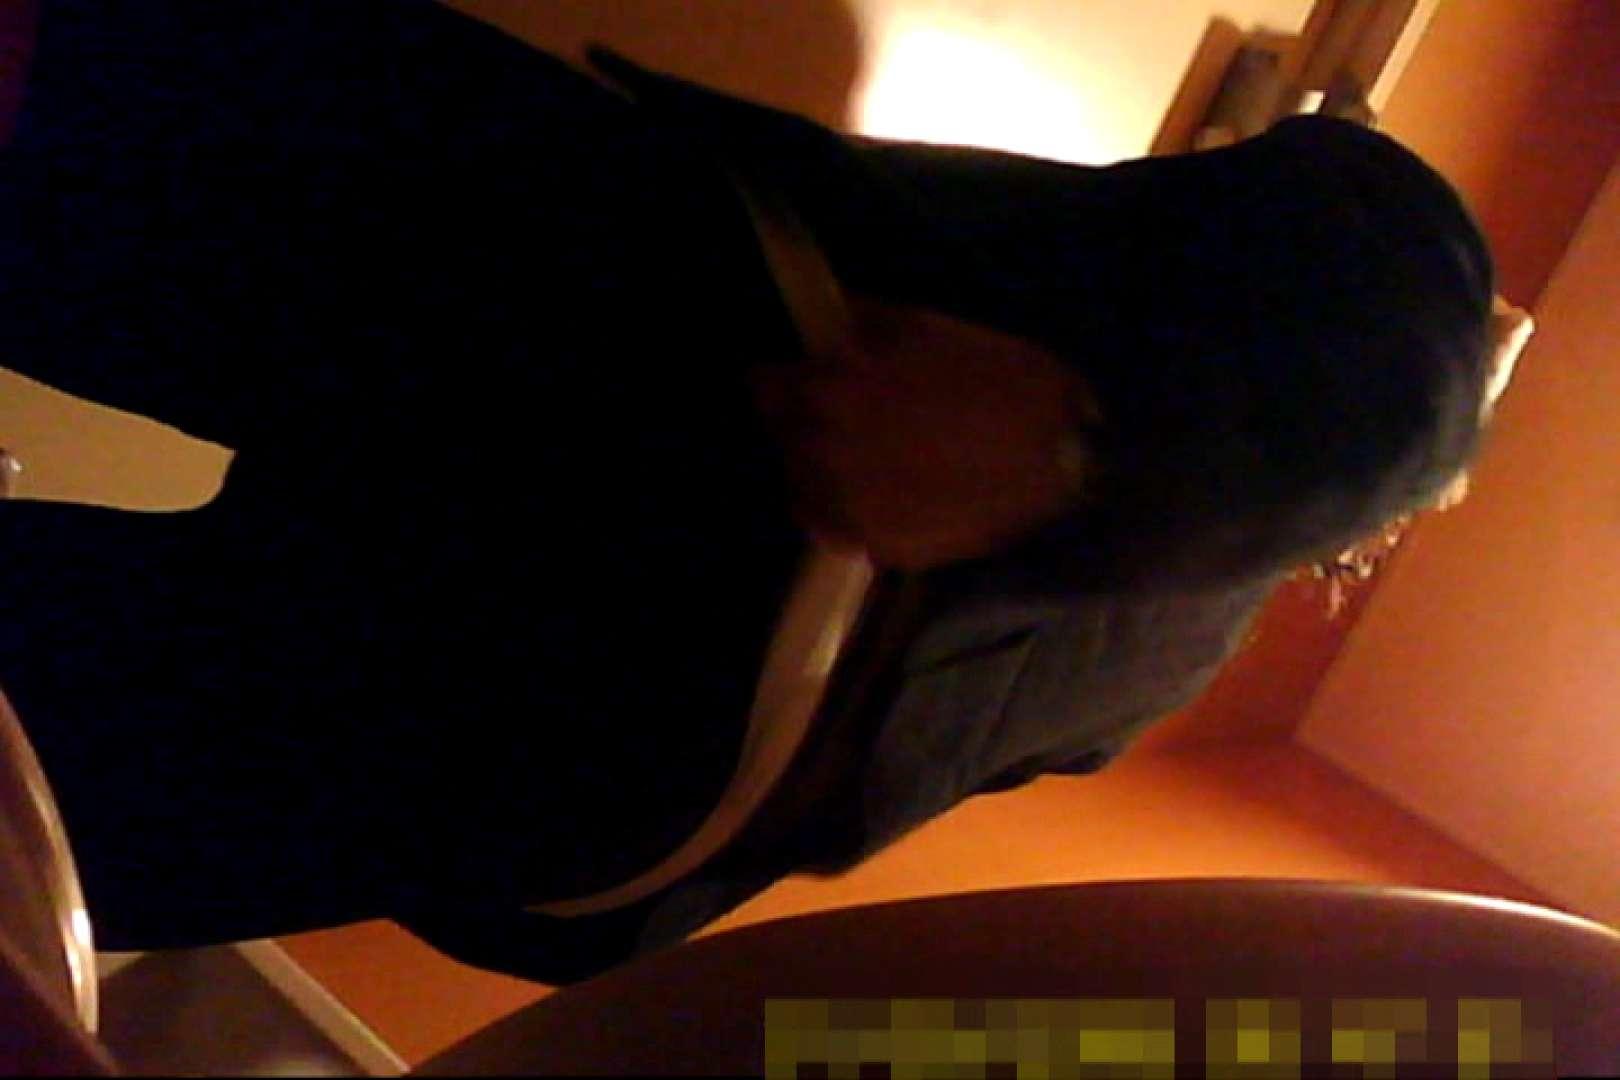 魅惑の化粧室~禁断のプライベート空間~17 お姉さん丸裸  107pic 82